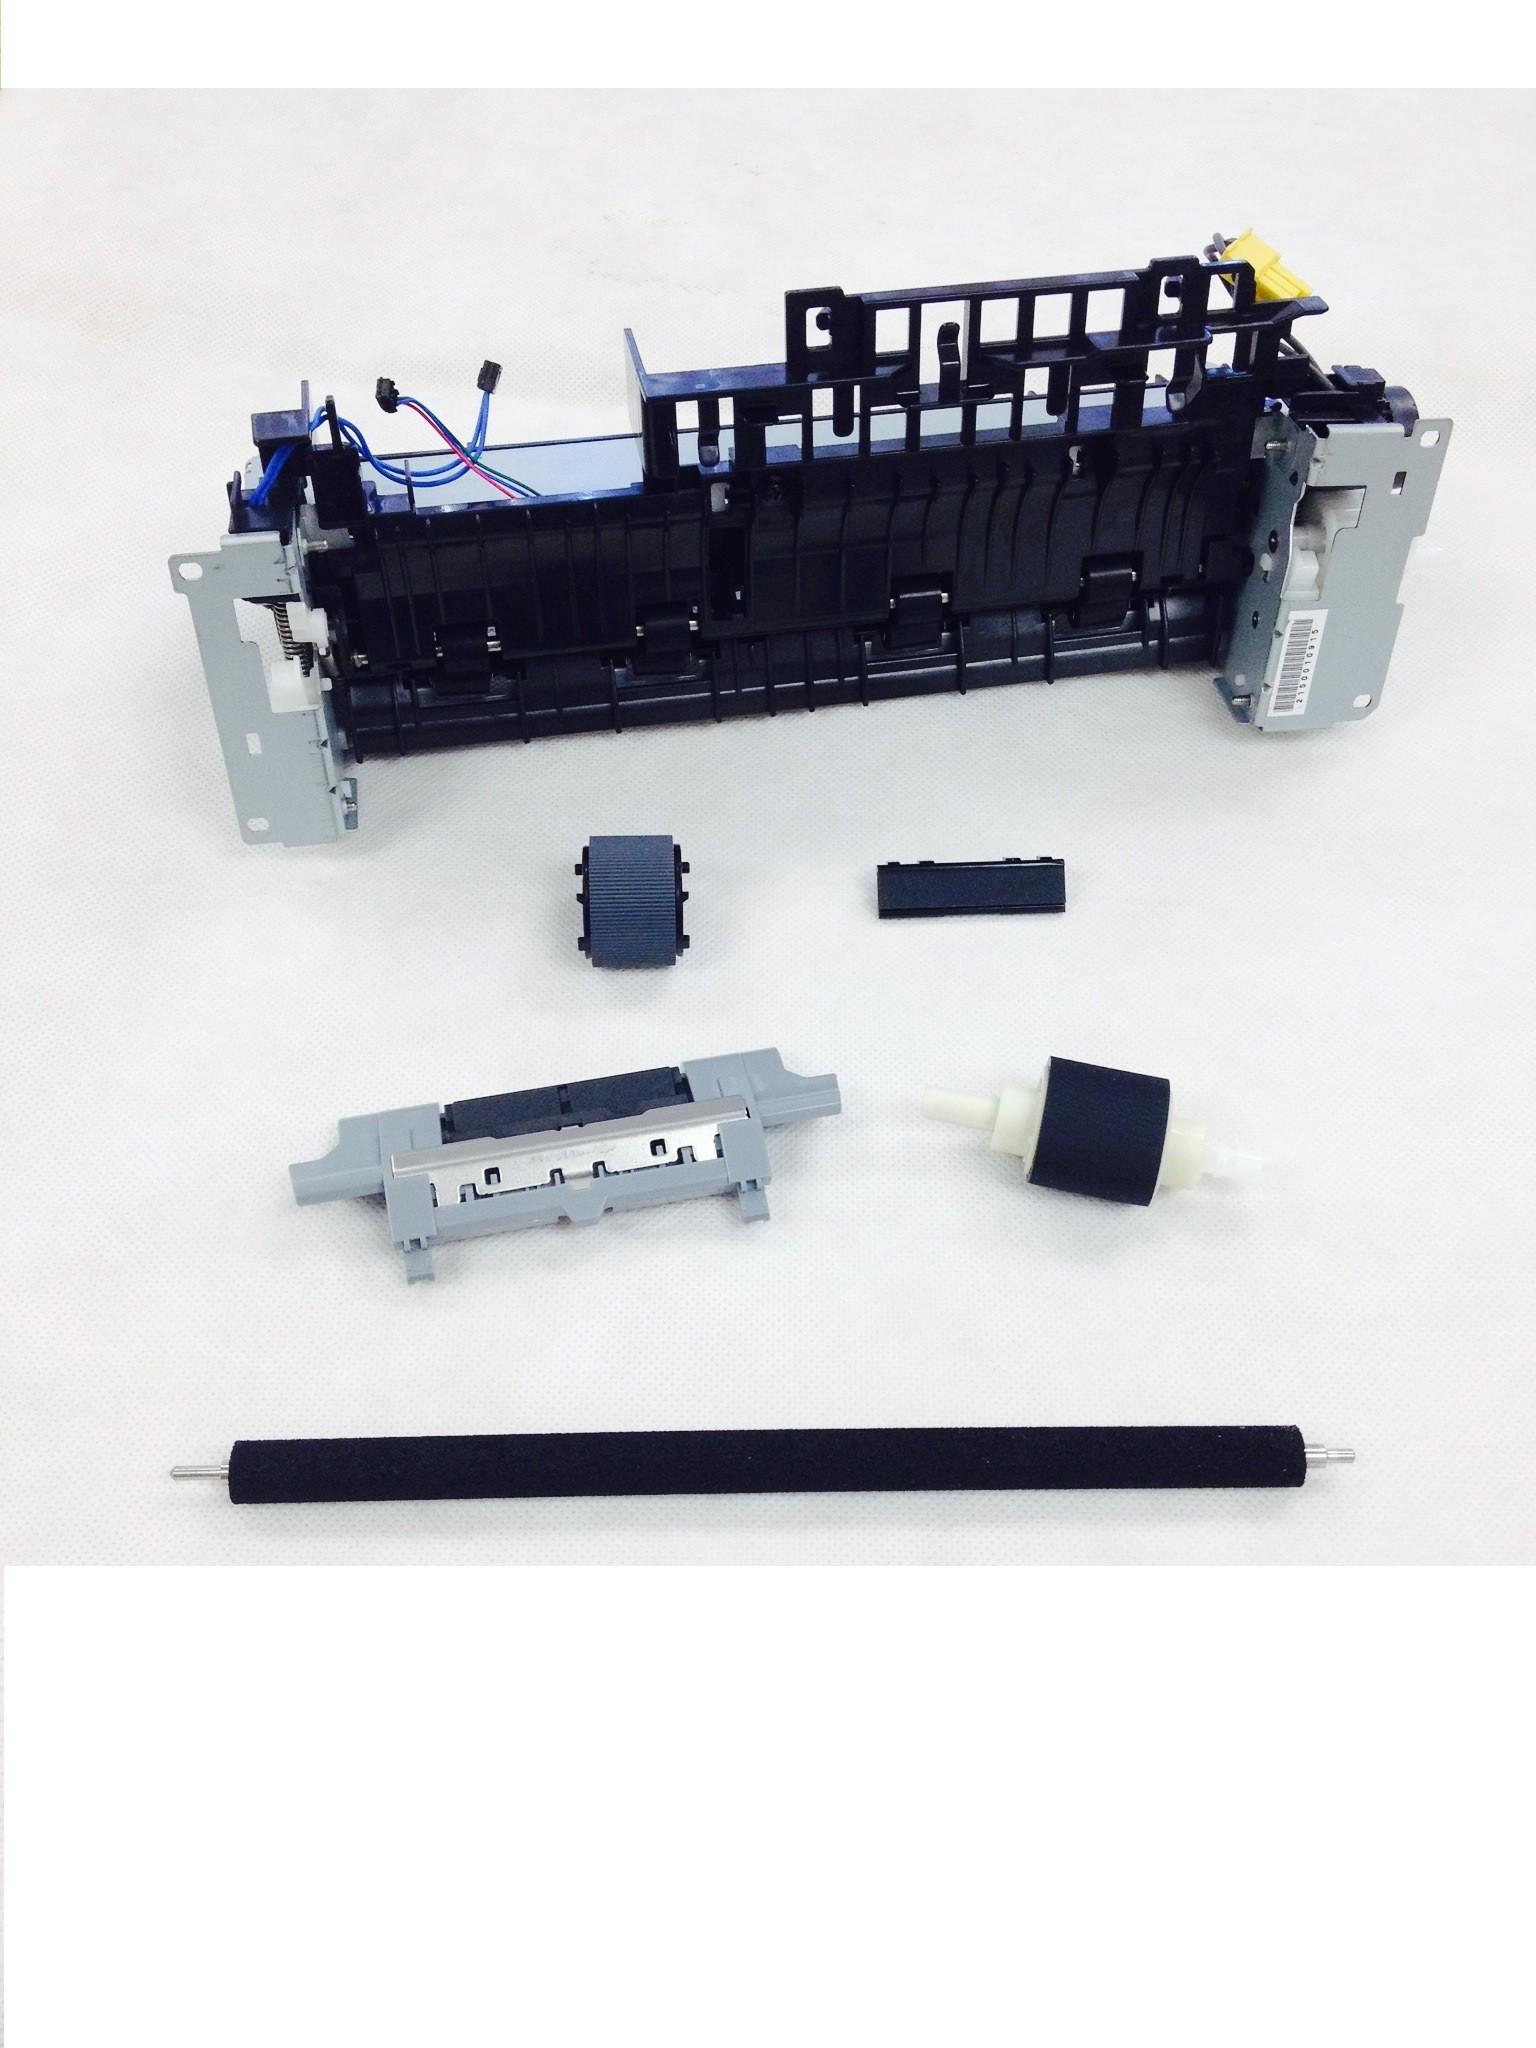 Kit-Maint-M401 | HP LaserJet M401/M425 Maintenance Kit Refurbished Exchange w/OEM Rollers